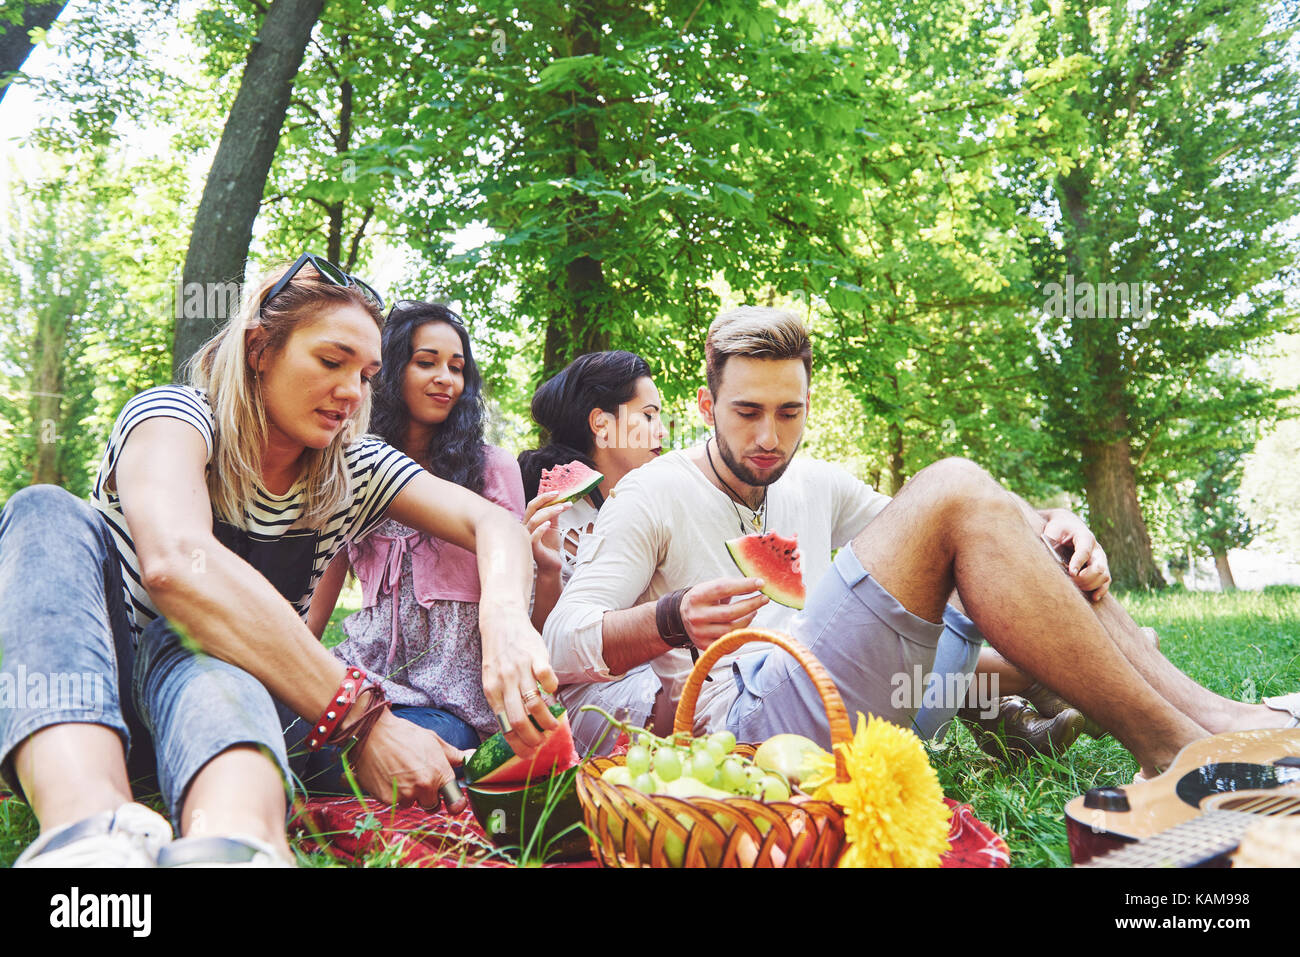 Grupo de amigos tener pic-nic en un parque en un día soleado - gente colgando fuera, divirtiéndose mientras Imagen De Stock